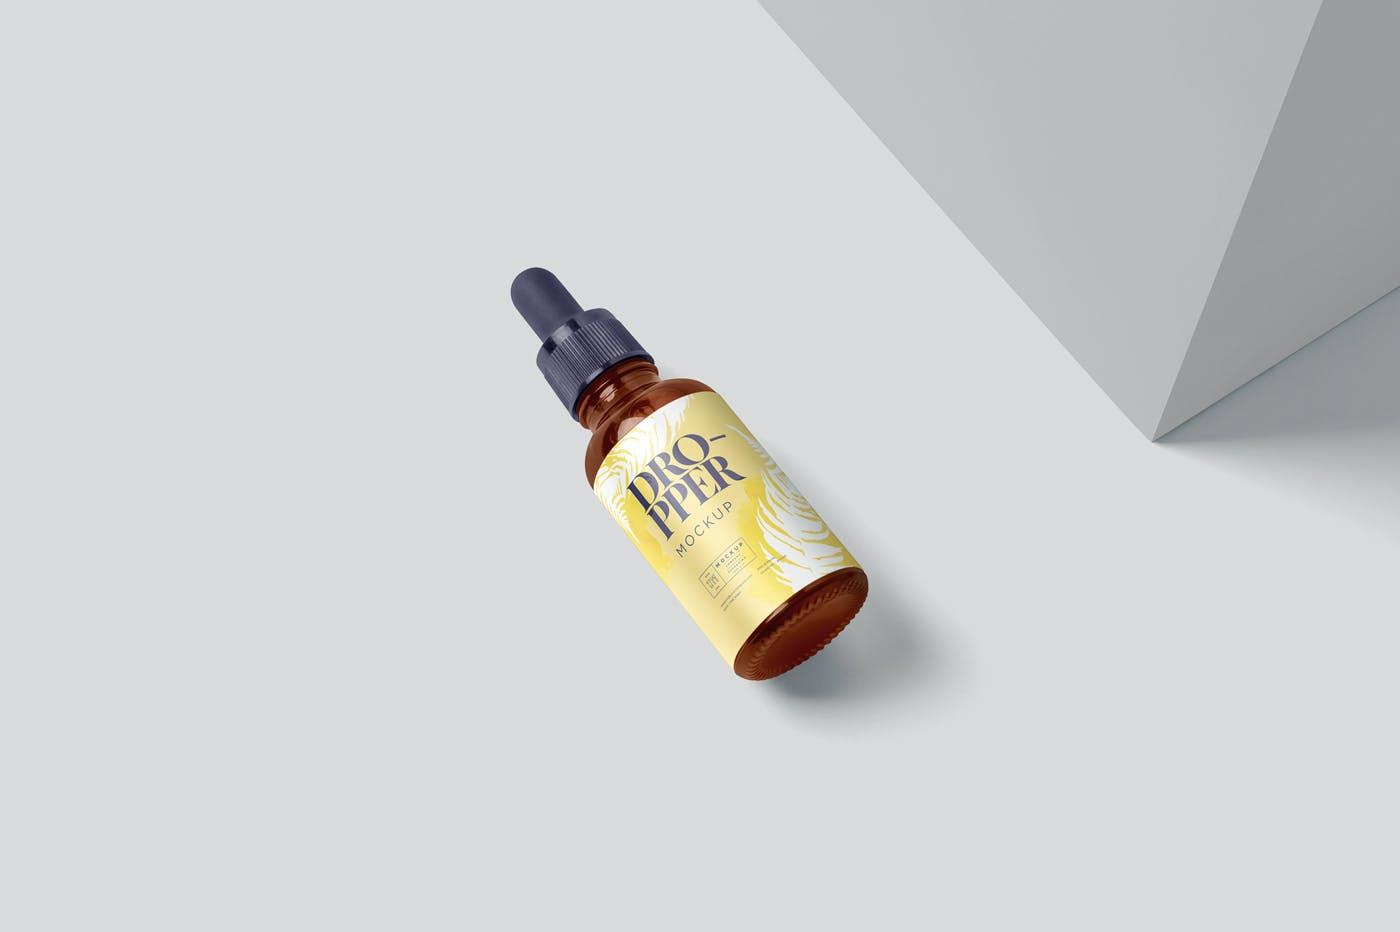 4款医疗药物化妆品滴灌瓶包装盒设计展示贴图样机 Dropper Bottle Mockups插图5